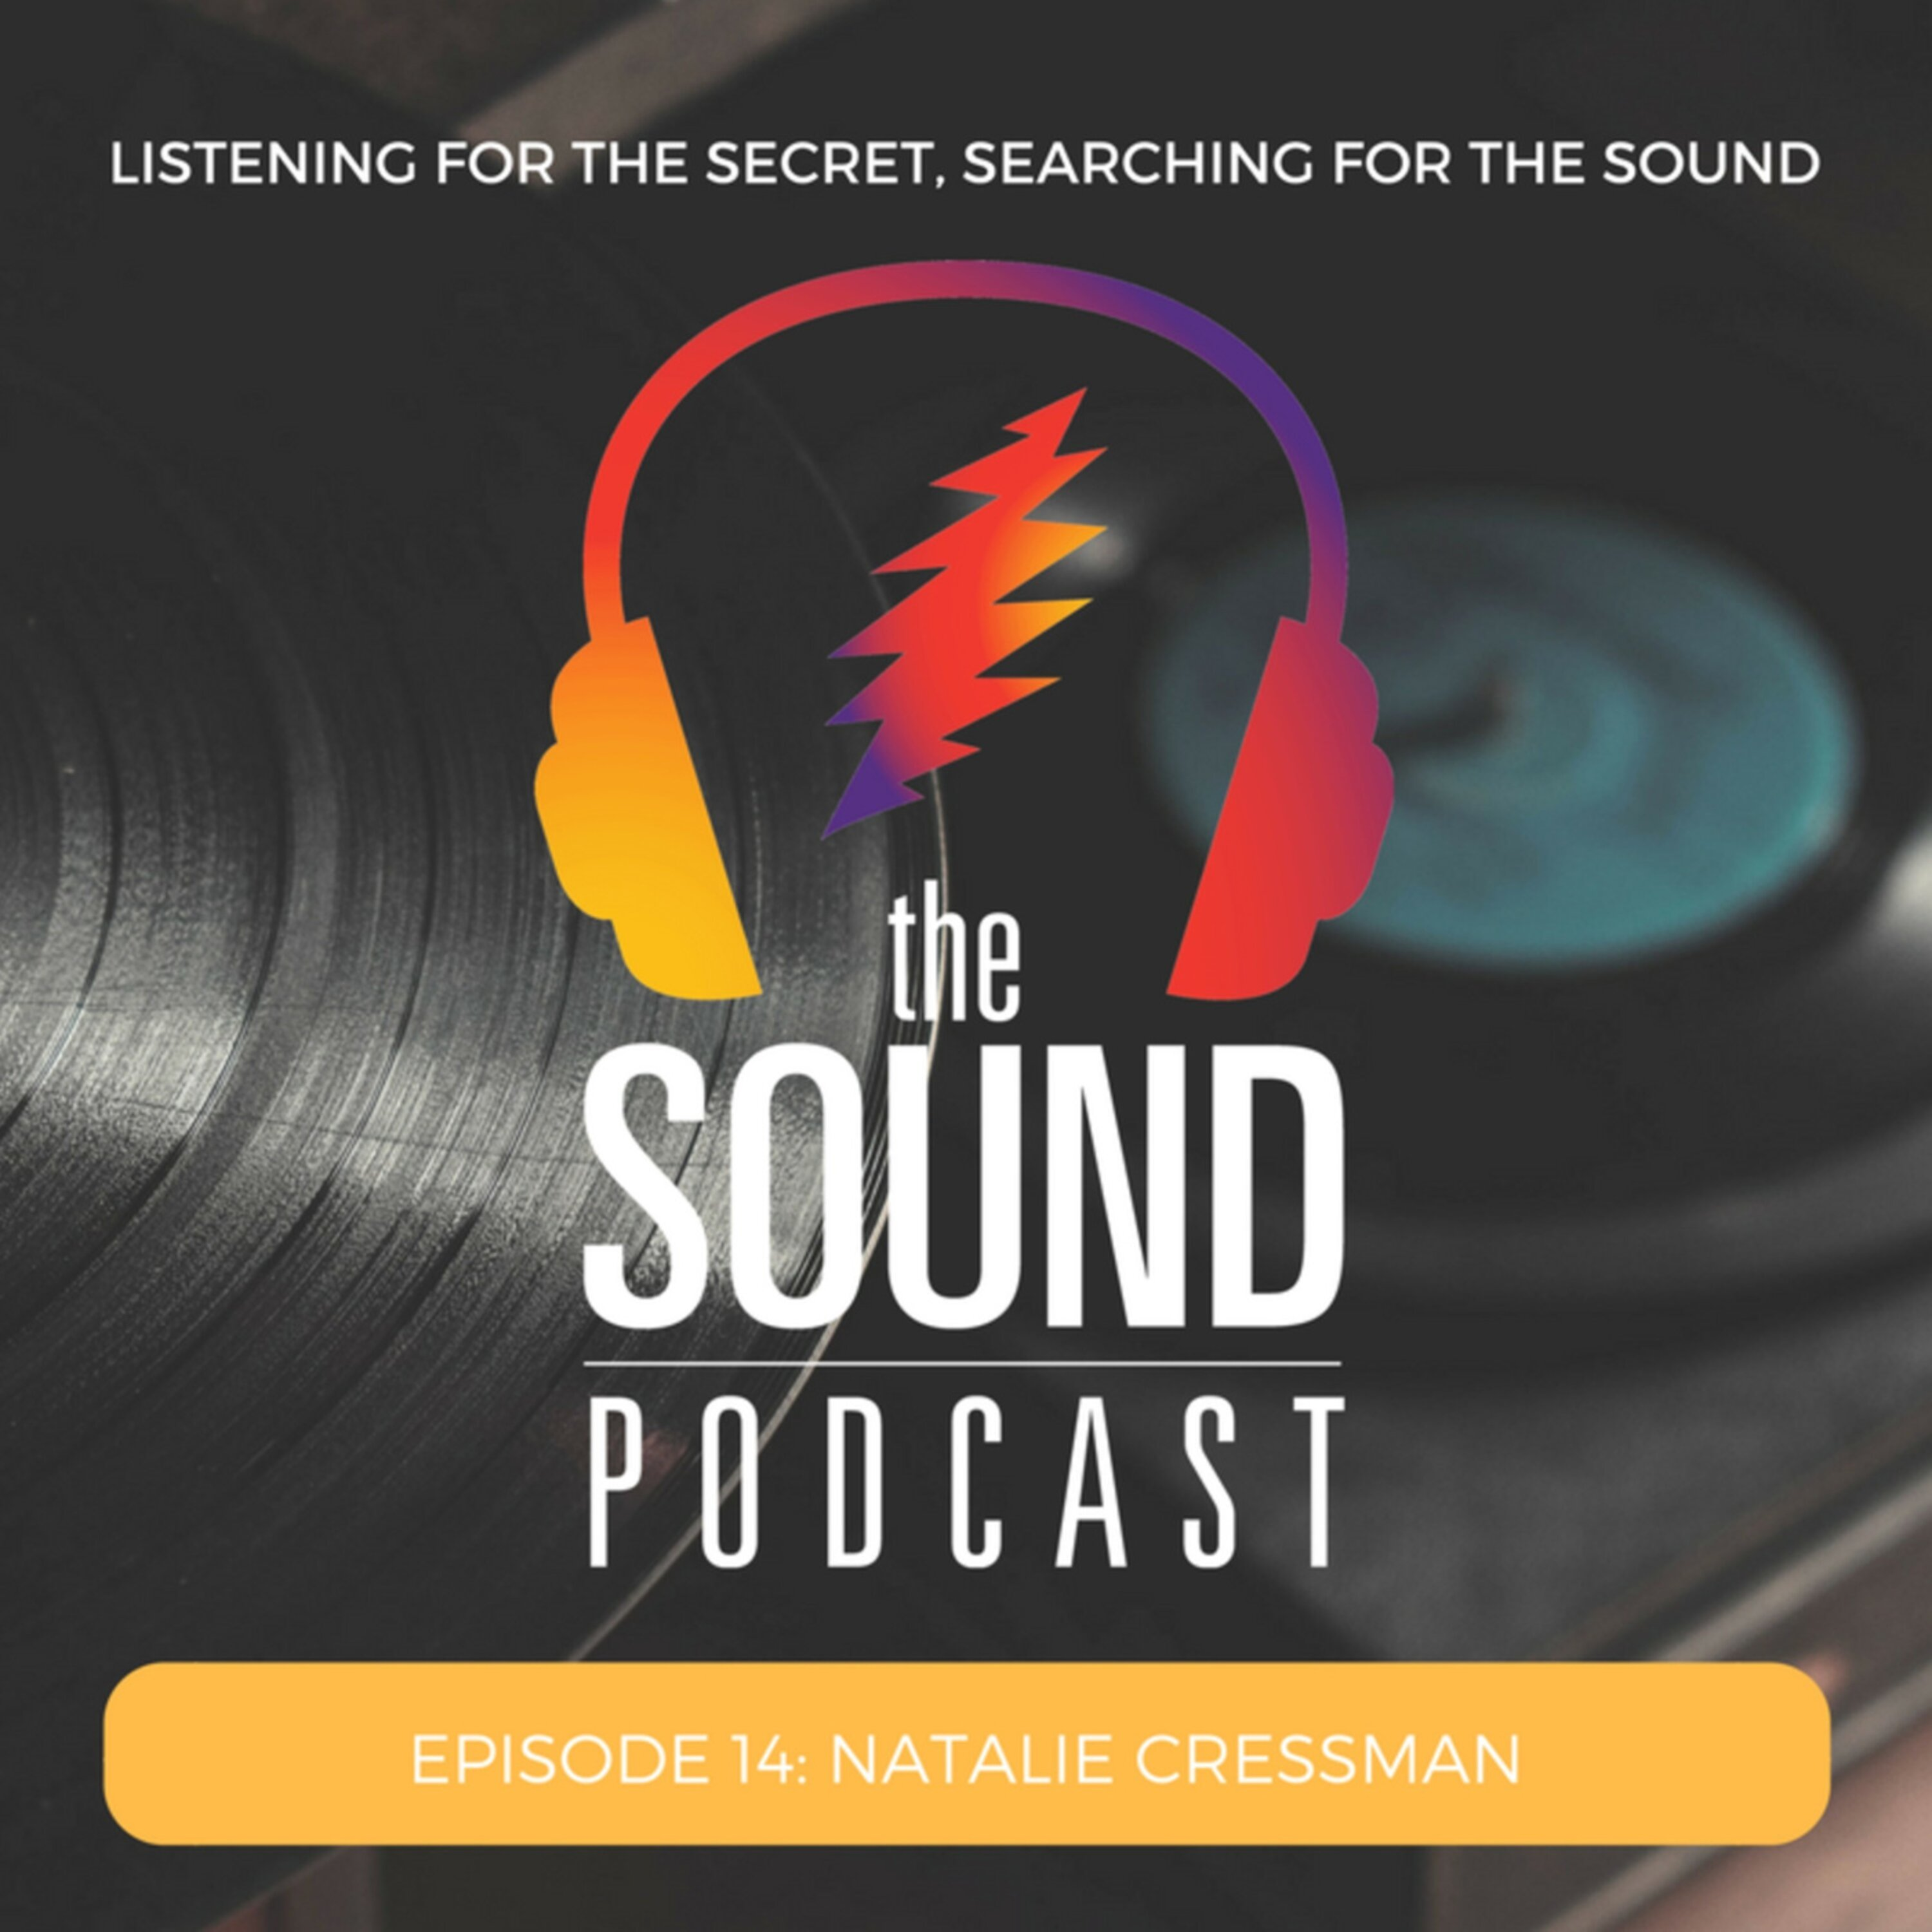 Episode 14: Natalie Cressman